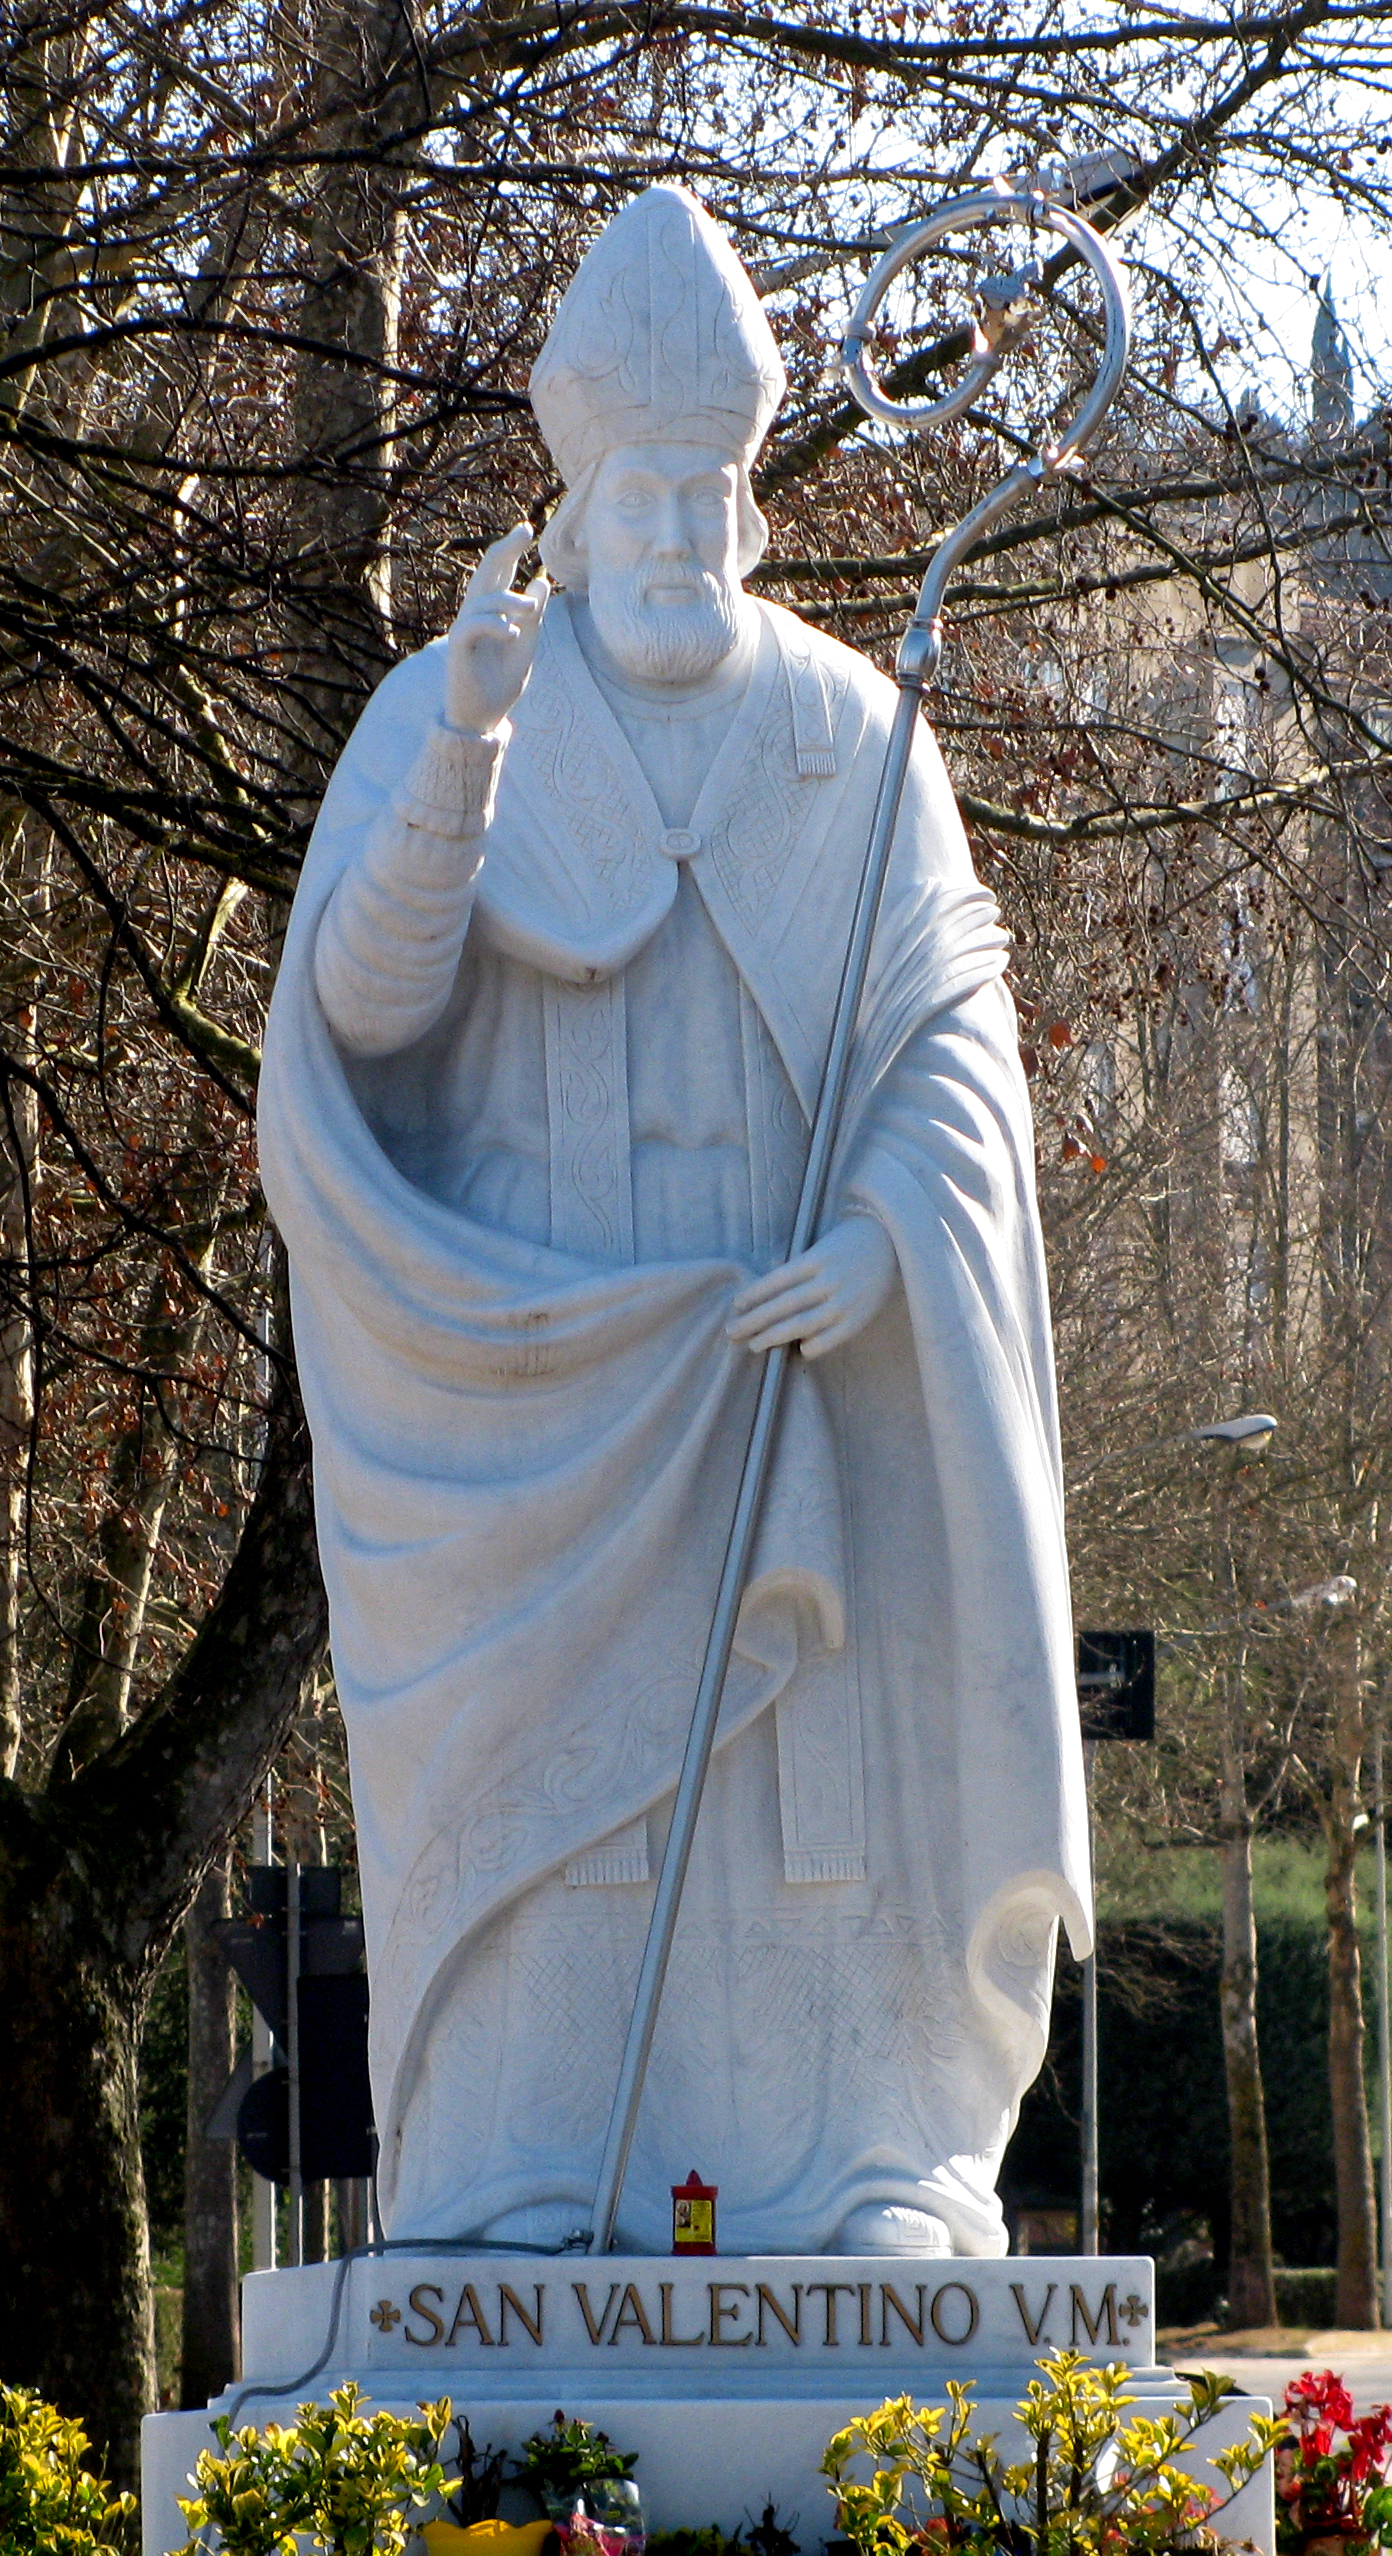 La statua di San Valentino, recente acquisto della città di Terni